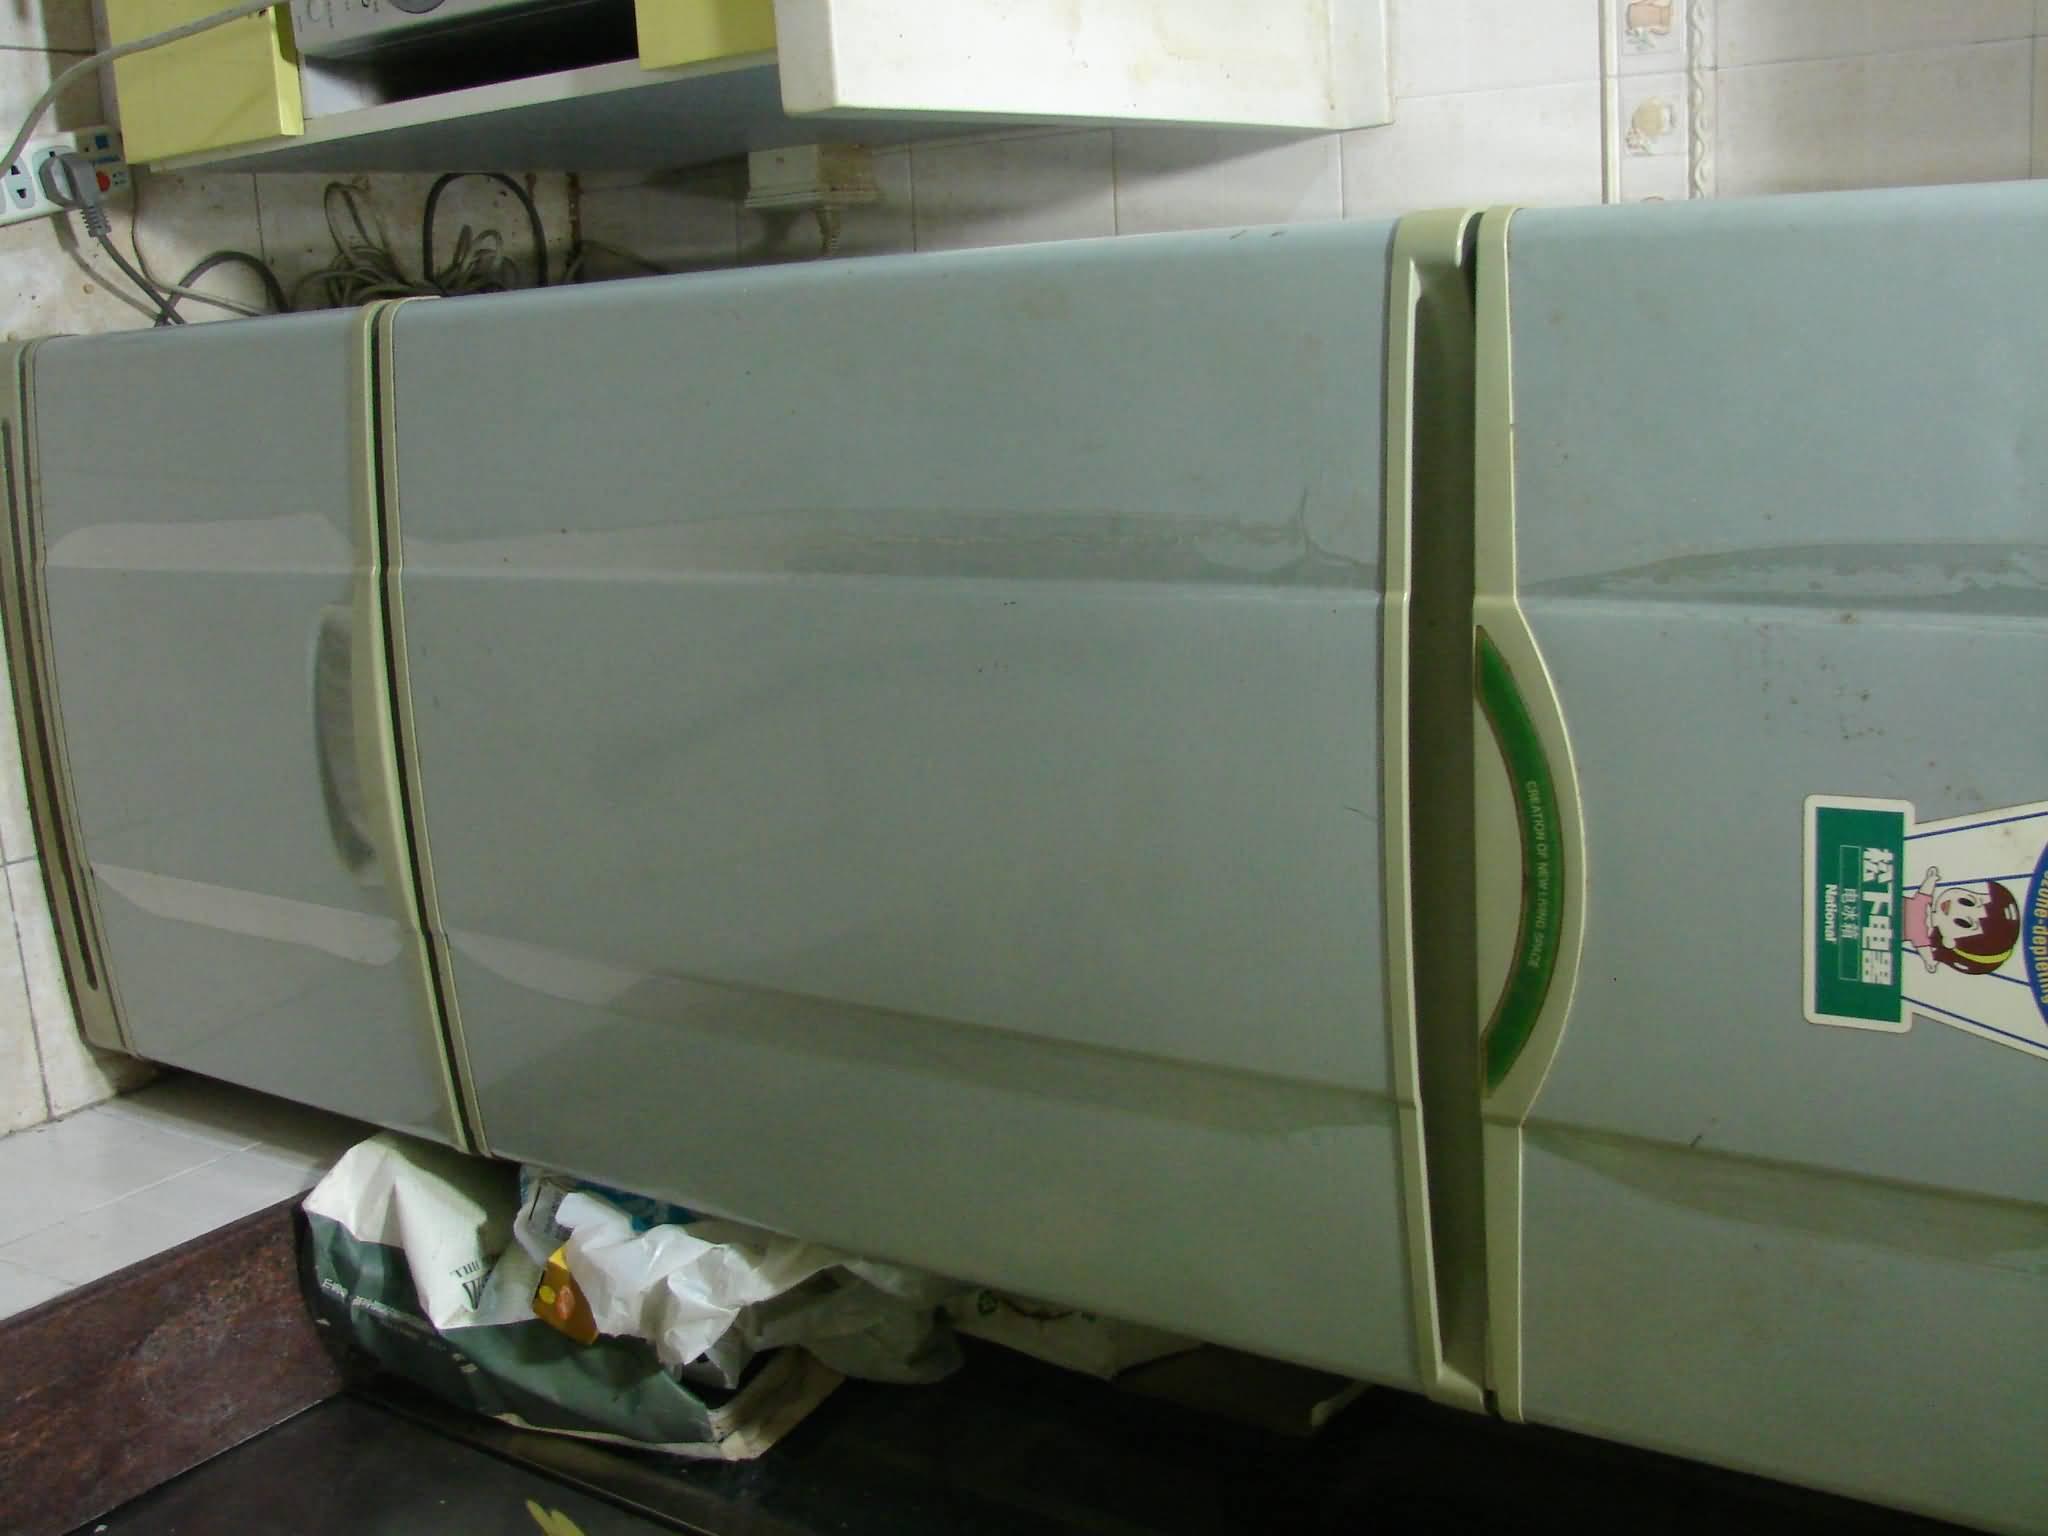 出售--三星立式空调,松下三门冰箱,海尔6.5公斤洗衣机